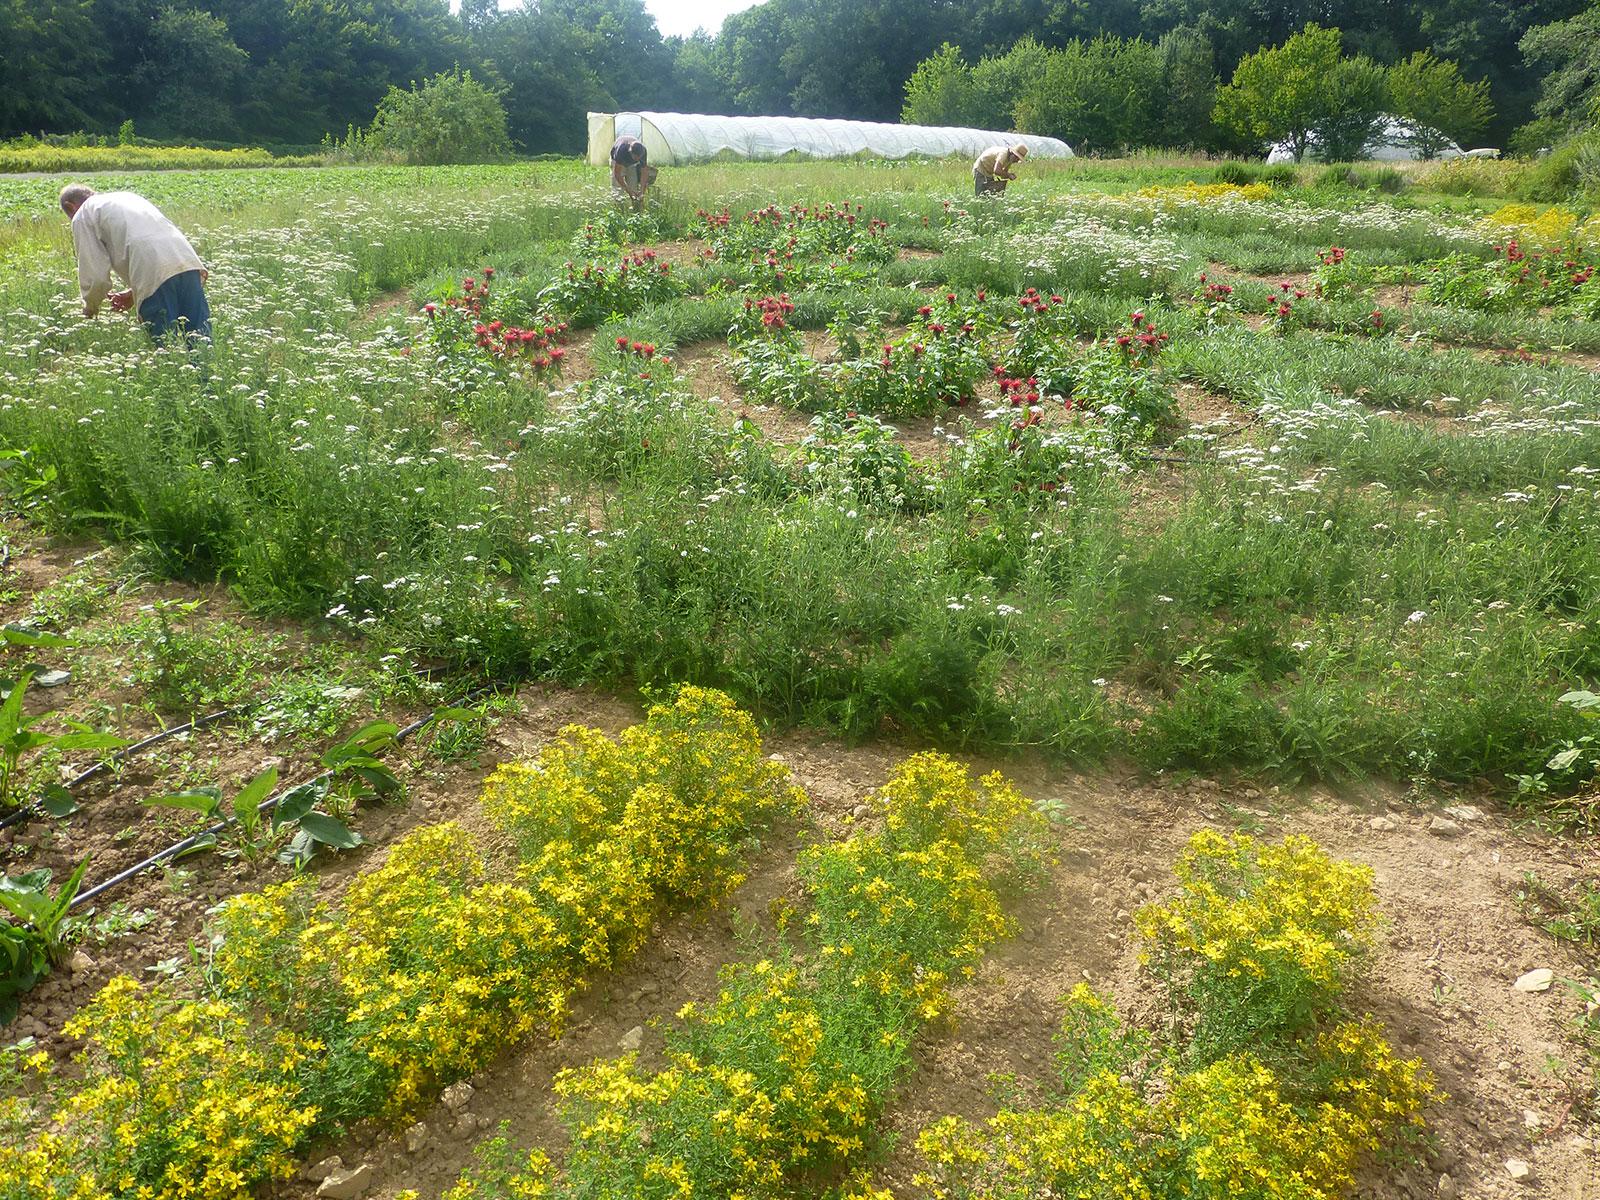 Cueillette dans le jardin de formes alta r plantes for Le jardin katalog 2015